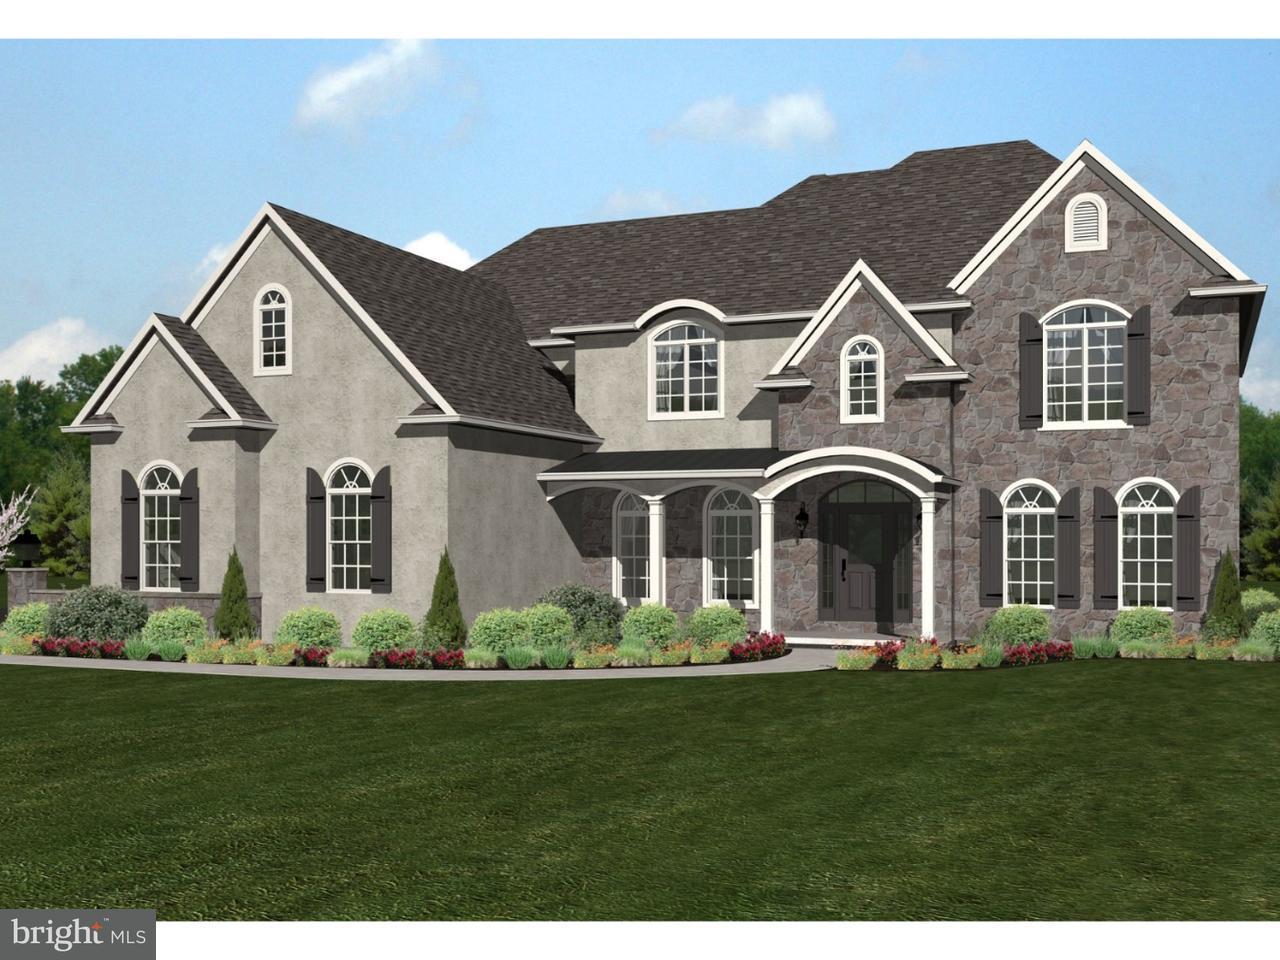 Частный односемейный дом для того Продажа на 1155 OLD BERNVILLE Road Leesport, Пенсильвания 19533 Соединенные Штаты